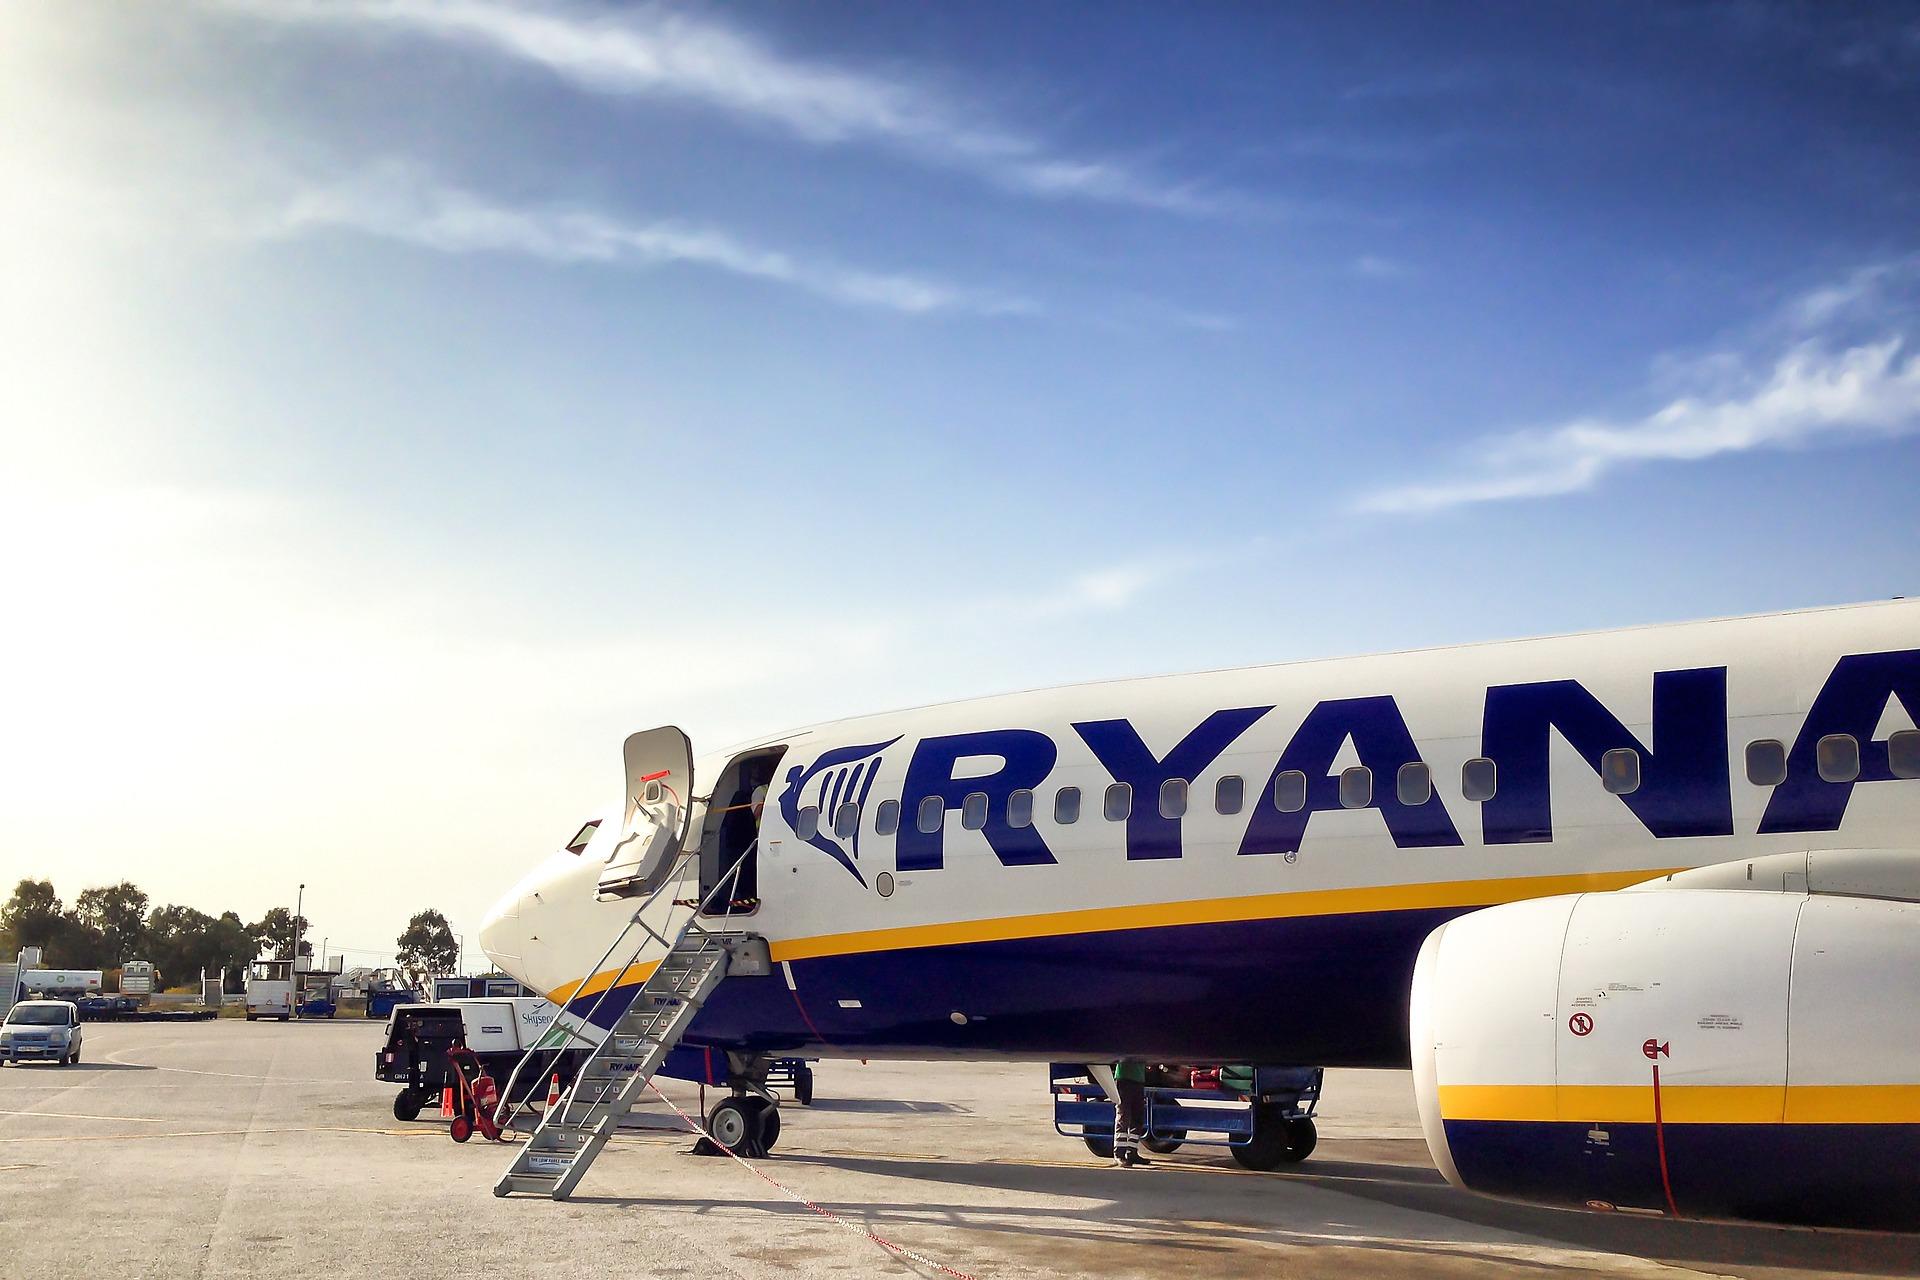 ŠPANJOLSKA Aviokompanija Ryanair smanjila cijene putnih karata